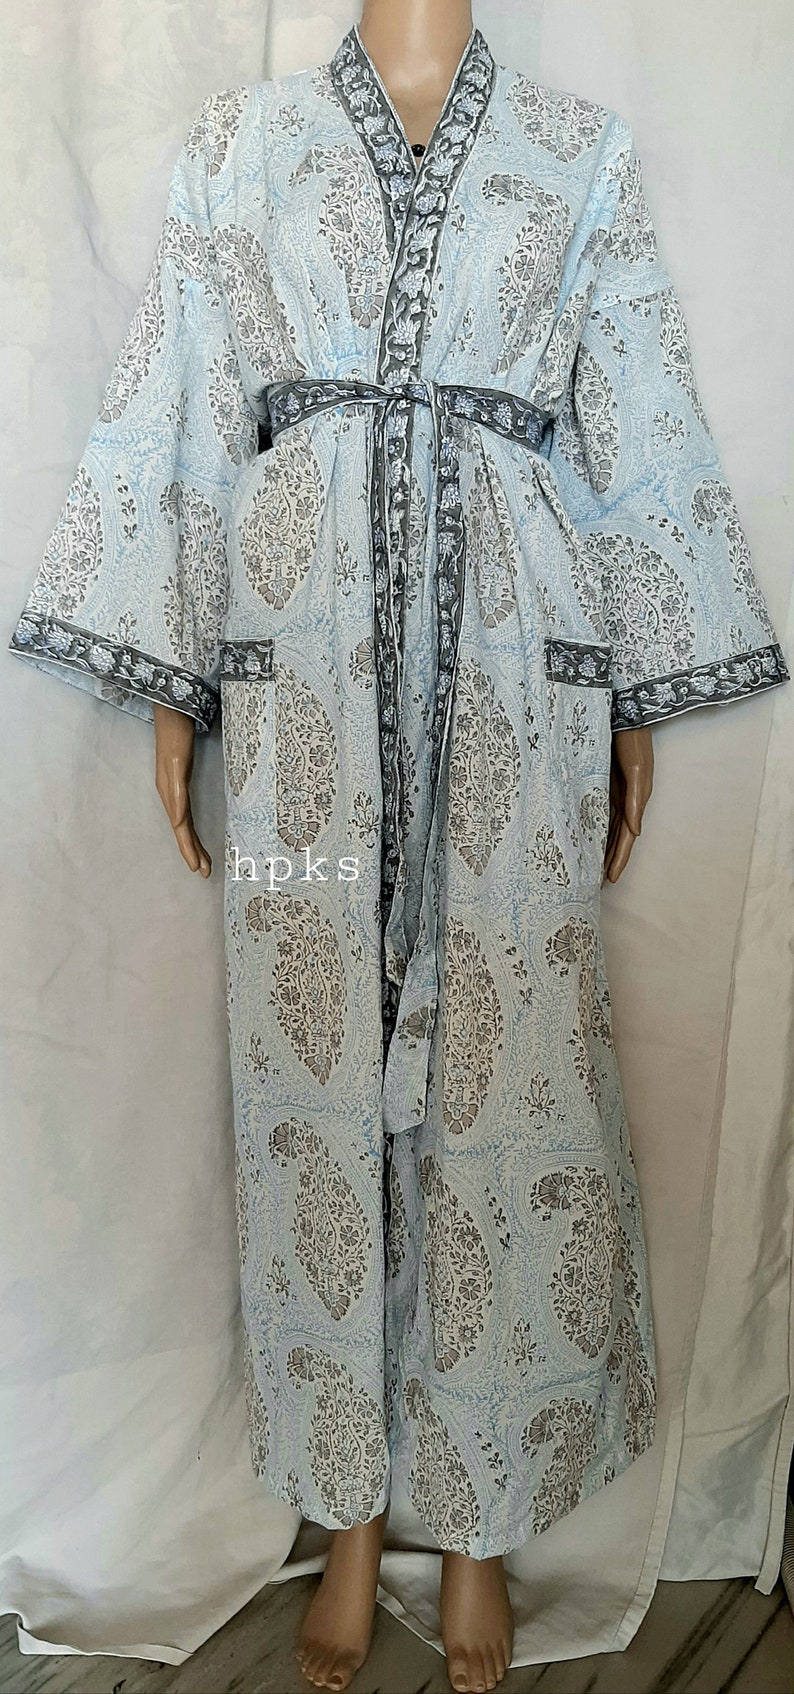 Indian Women/'s Cotton Kimono Beach Caftan Christmas gift dress,Plus size Night Gown Paisley Print Gown Sleep Wear Bathing Gown Soft Kimono